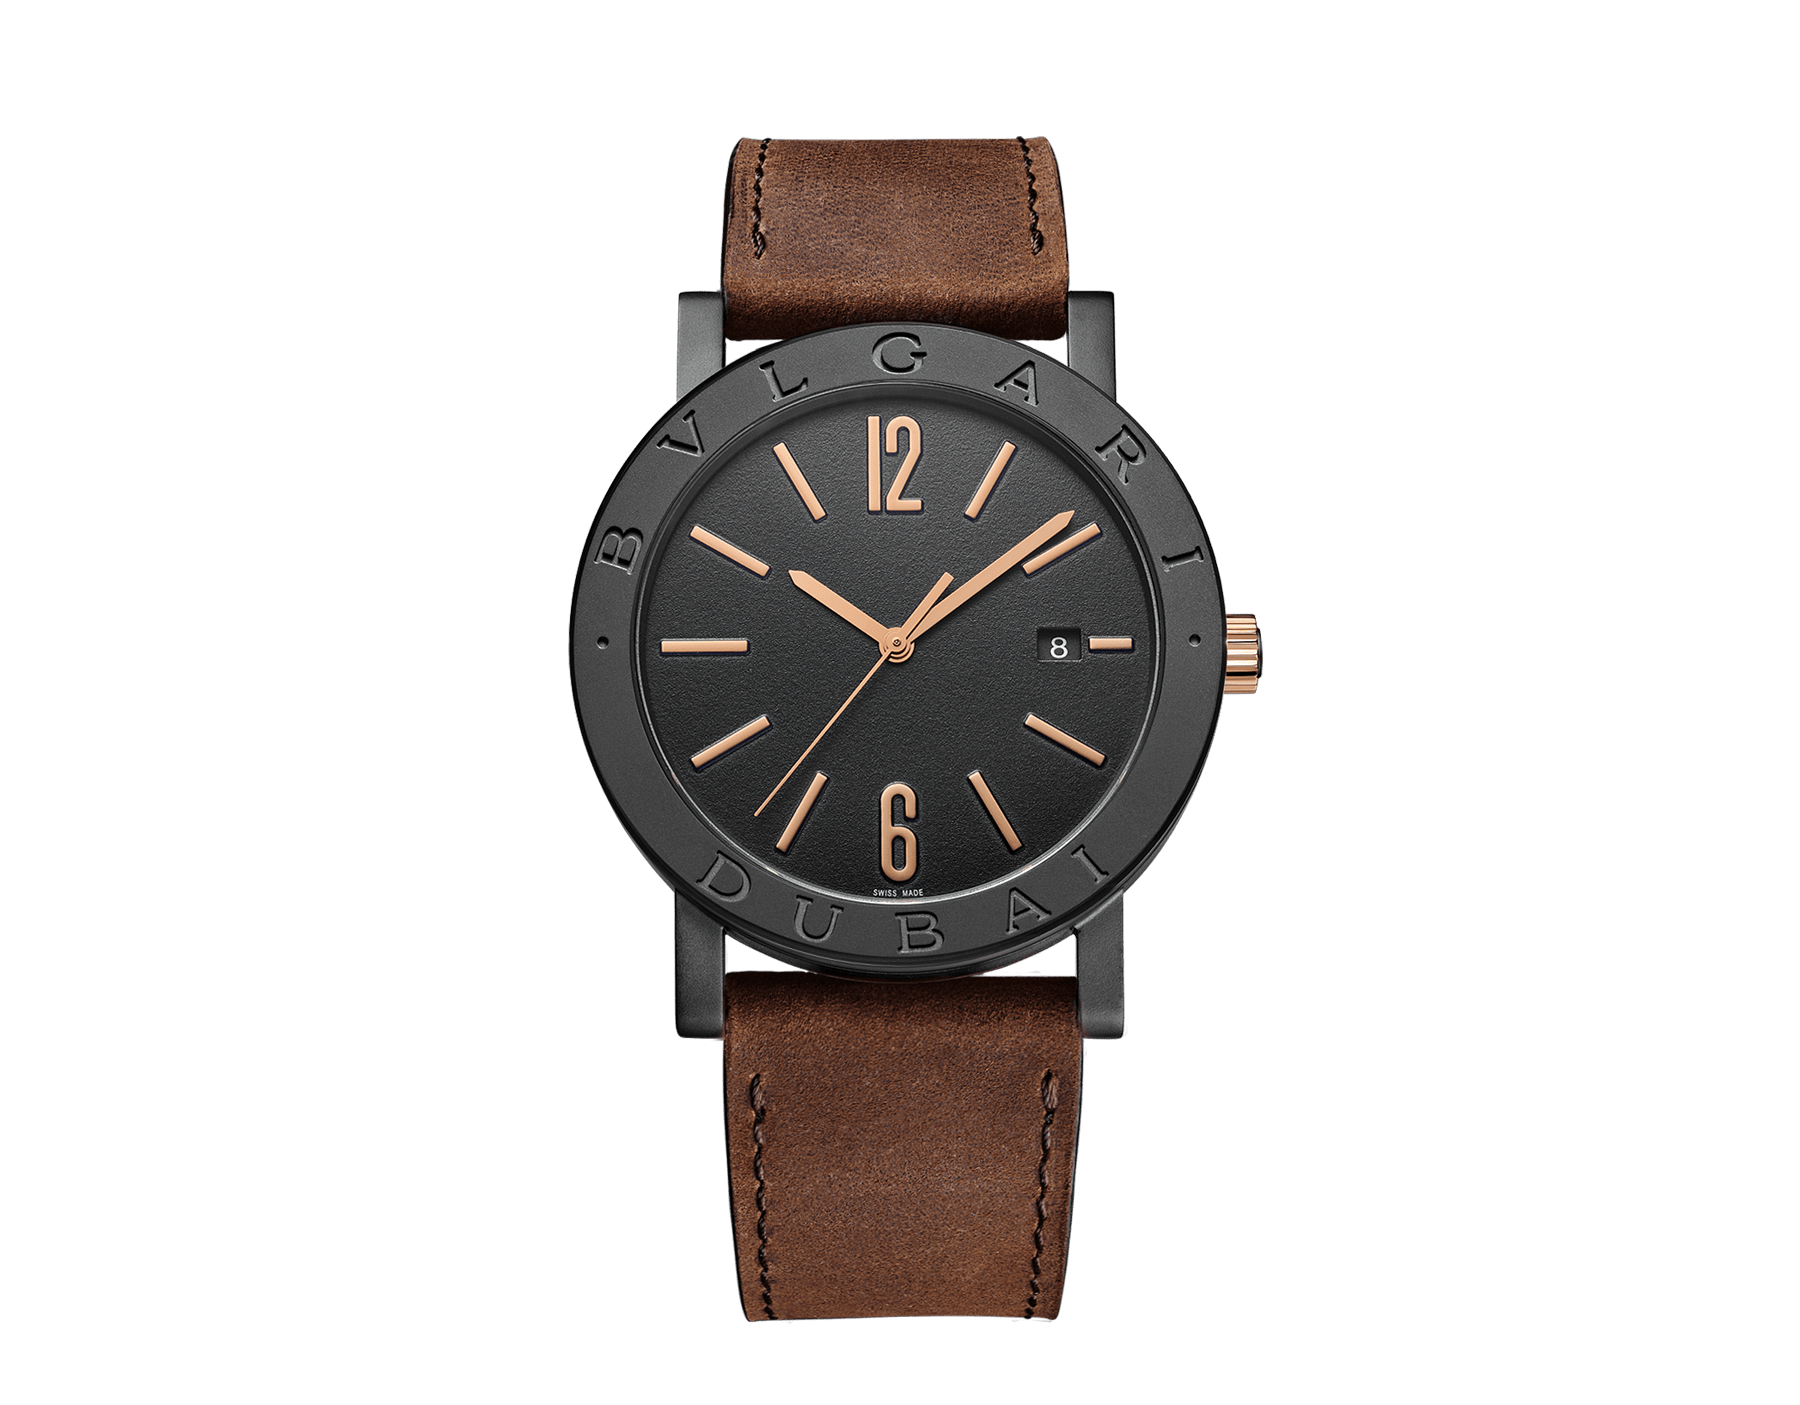 """ساعة """"بولغري بولغري سيتيز سبيشل إيديشن، DUBAI"""" بآلية حركة ميكانيكية مصنّعة من قبل بولغري، تعبئة أوتوماتيكية، آلية BVL 191.، علبة الساعة من الفولاذ المعالج بالكربون الأسود الشبيه بالألماس مع نقش """"BVLGARI DUBAI"""" على إطار الساعة، غطاء خلفي شفاف، ميناء مطلي بالمينا الأسود الخشن ومؤشرات الساعة من الذهب الوردي، سوار من جلد العجل البني، وسوار قابل للتبديل من المطاط الأسود. 103225 image 1"""